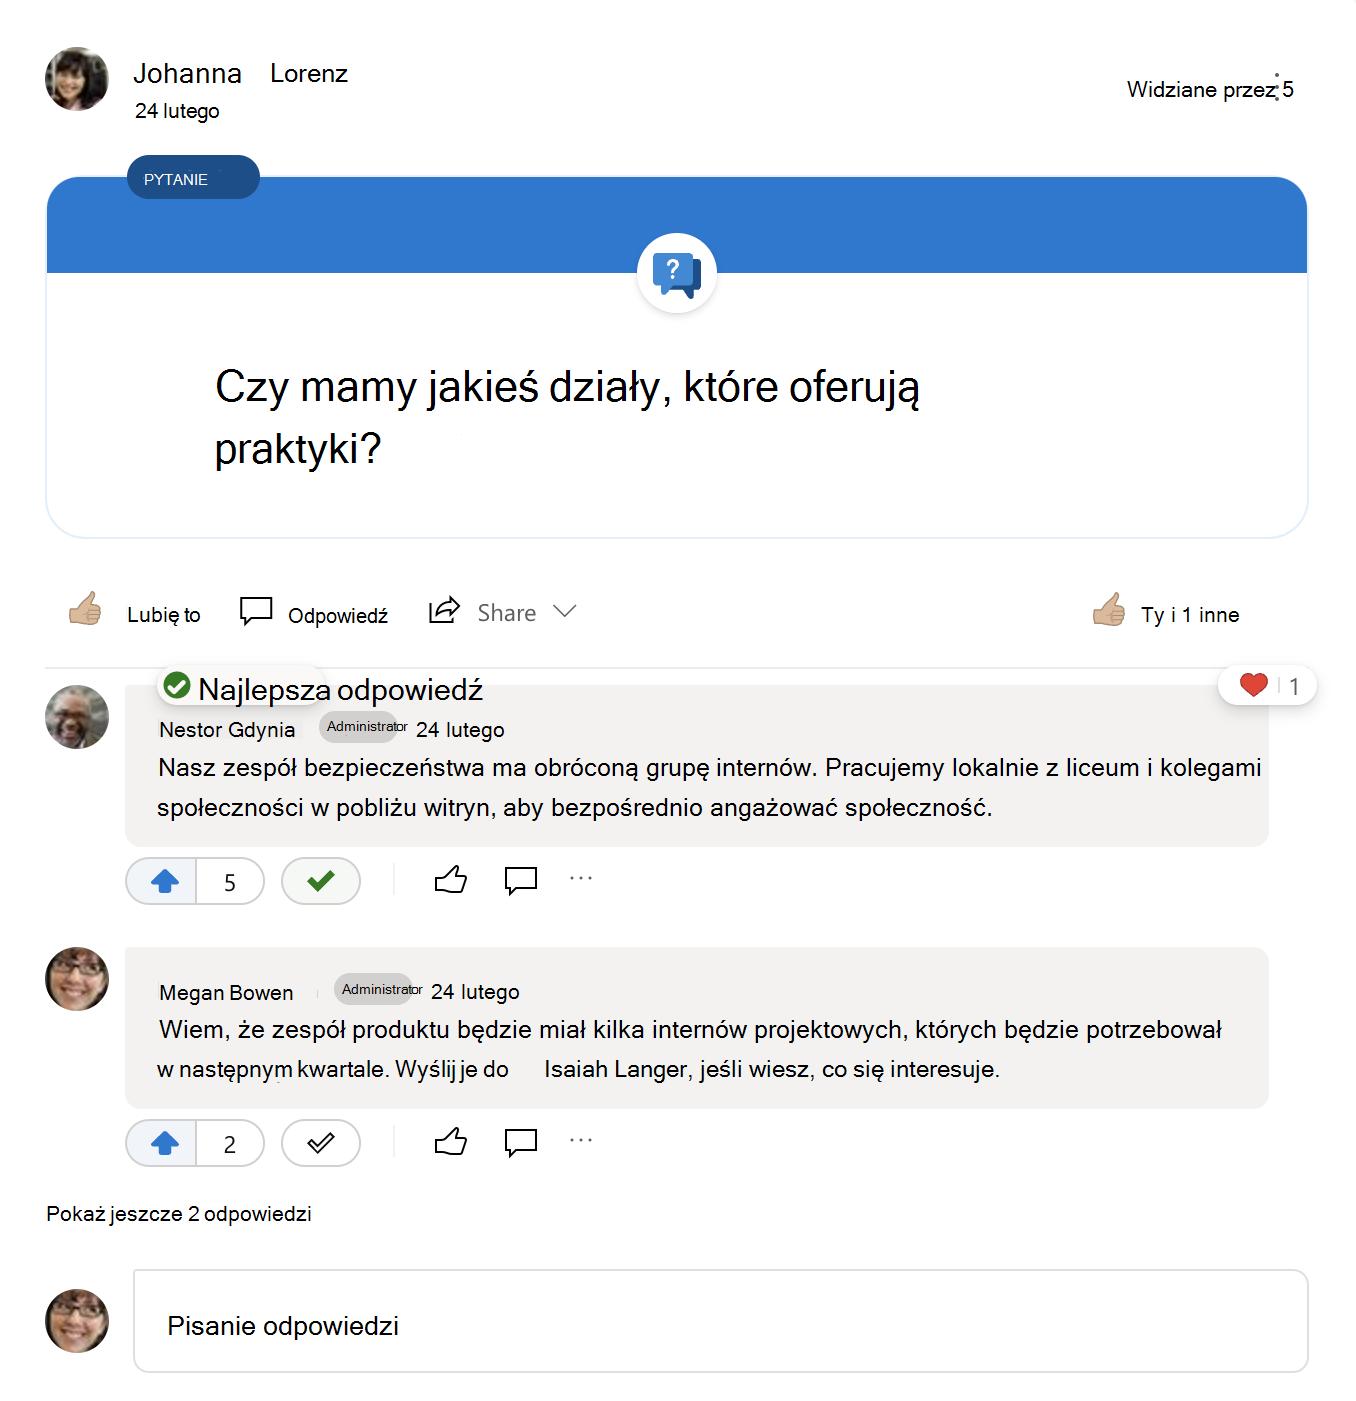 Najlepsza odpowiedź na pytanie usługi Yammer